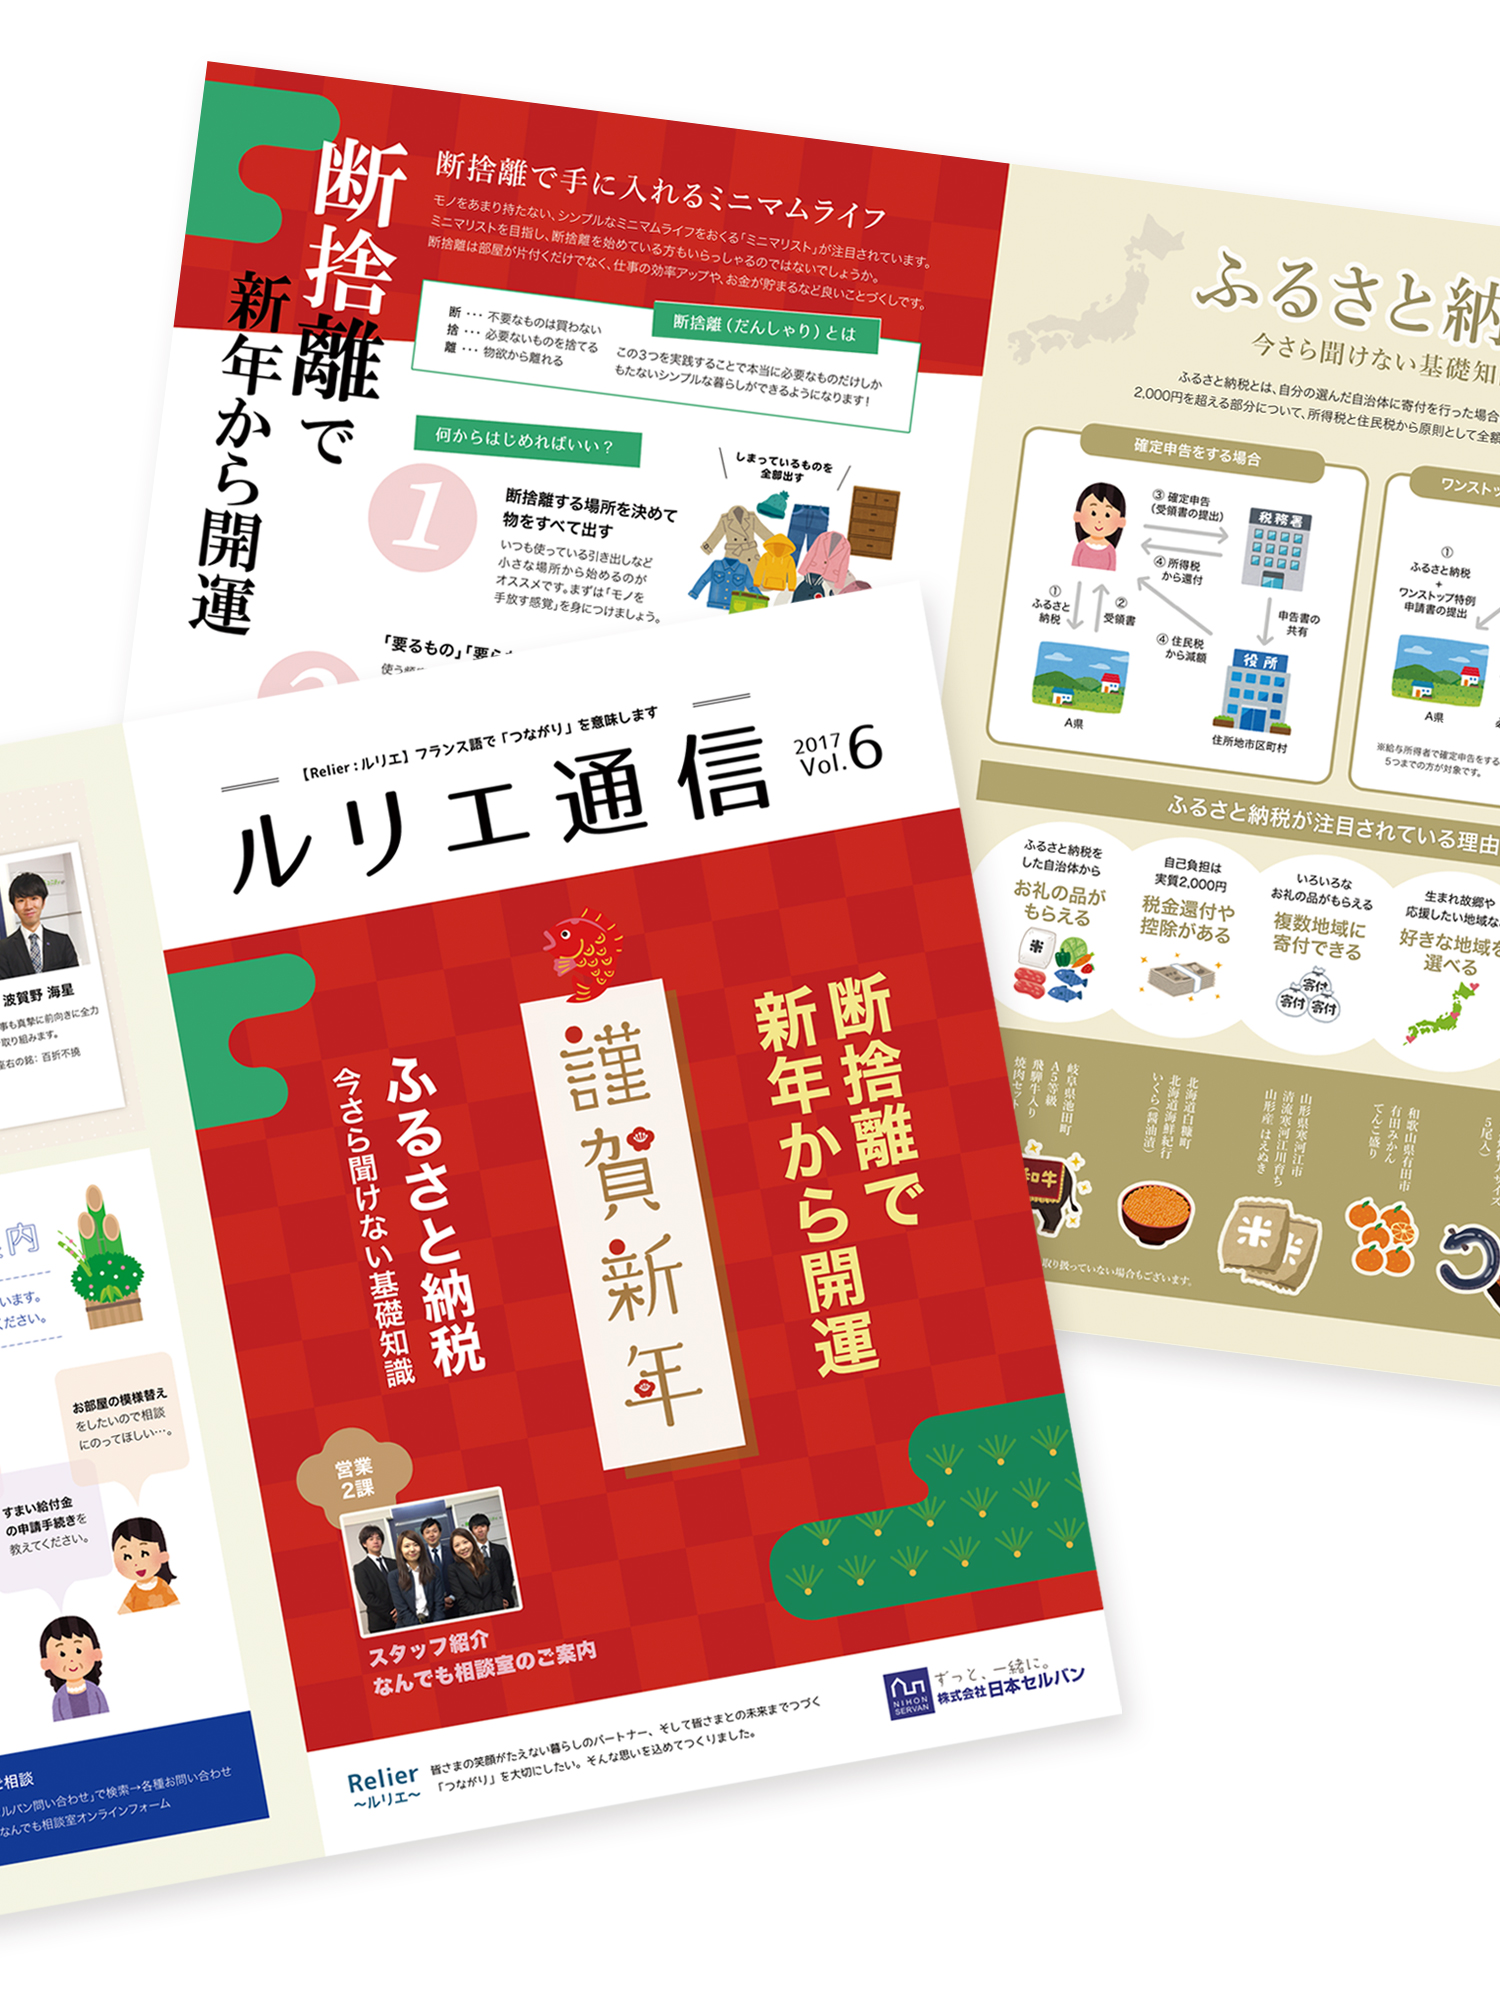 株式会社日本セルバンさま ルリエ通信Vol.6